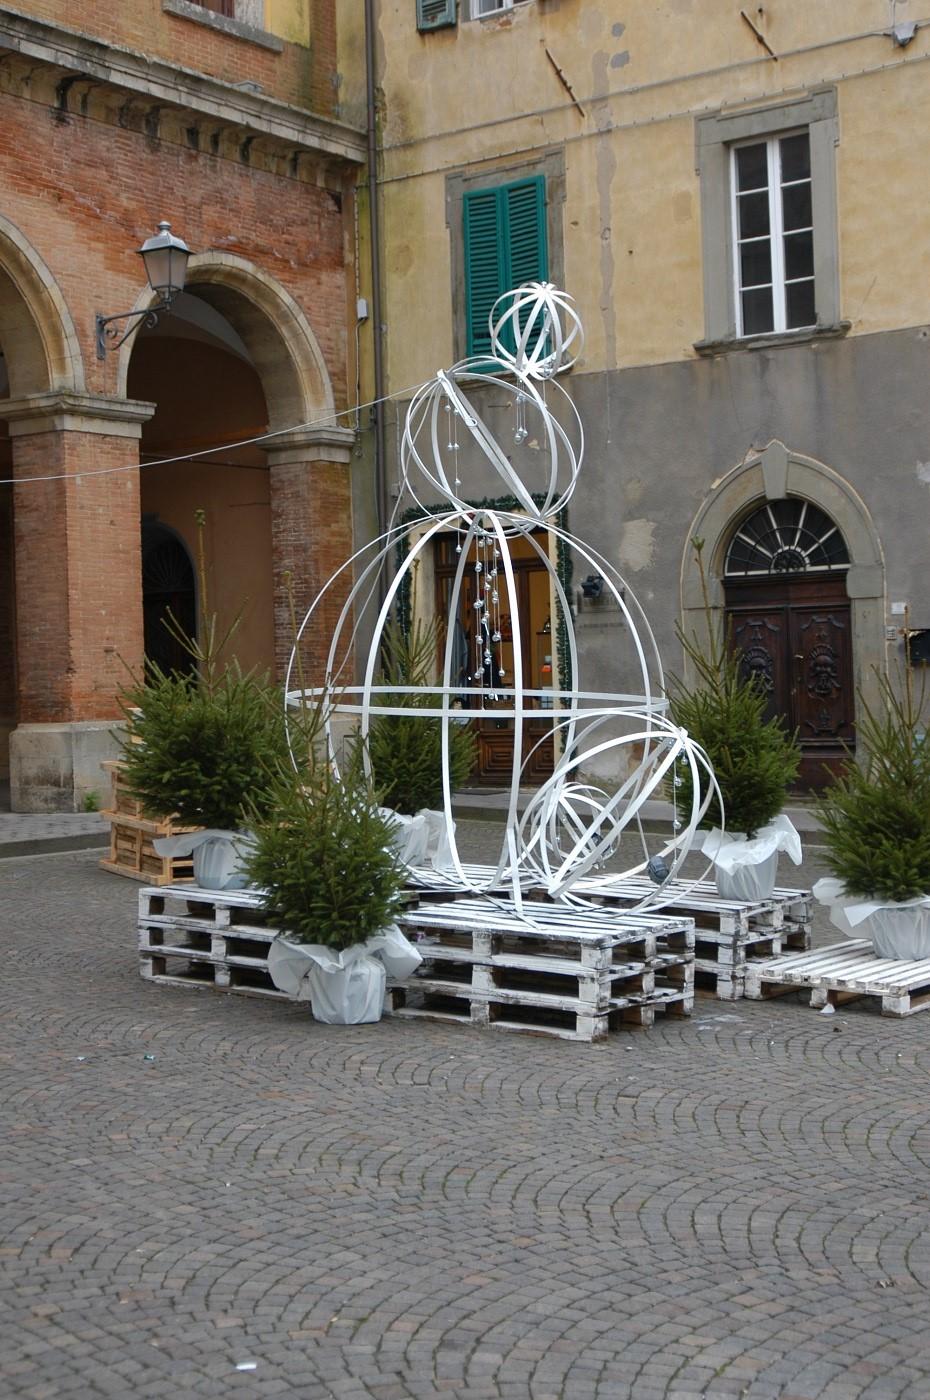 Reisen: Weihnachten in der Toskana › Toskana-Erfahrungen